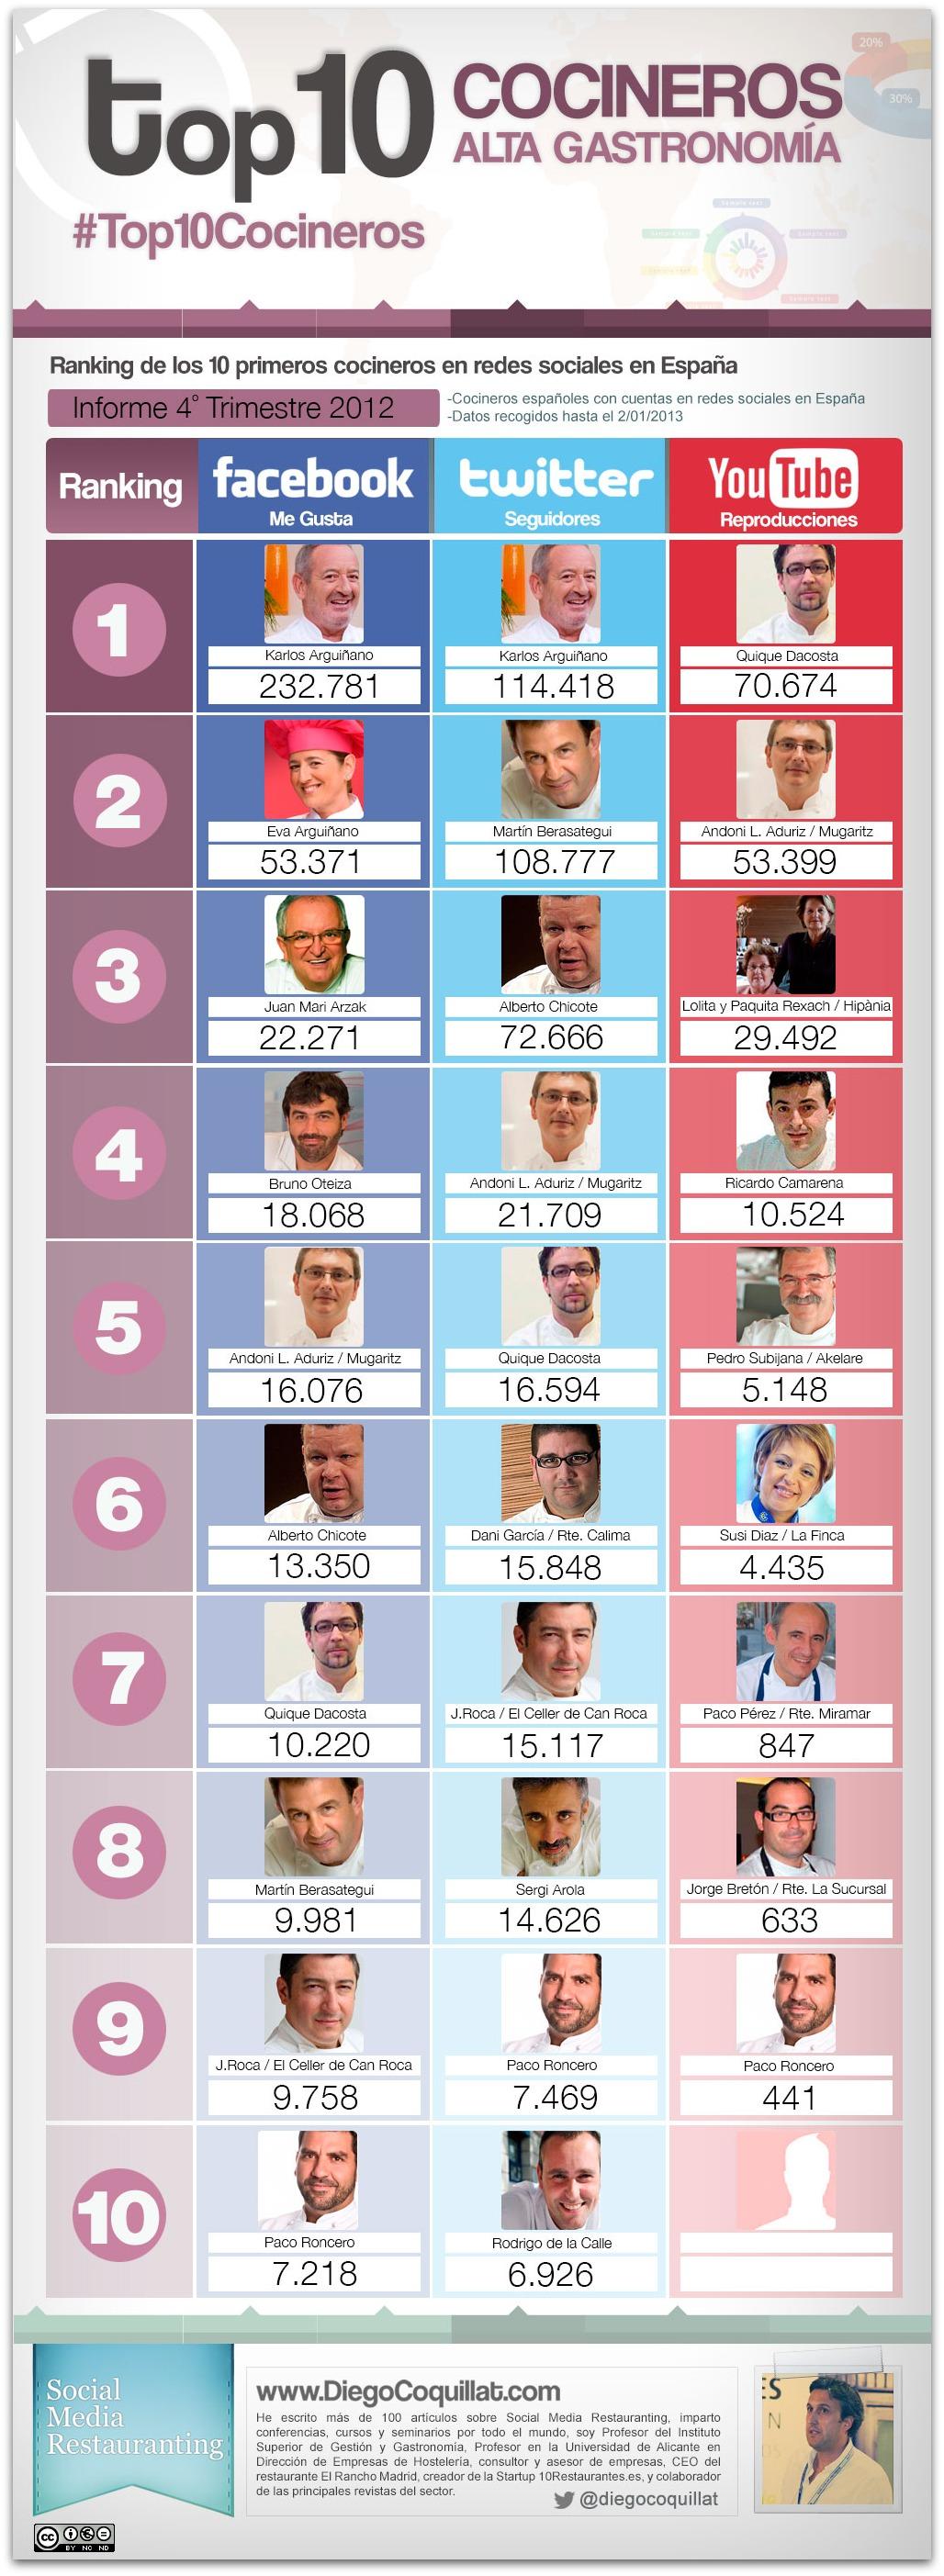 10 mejores cocineros en redes sociales en España en 2012